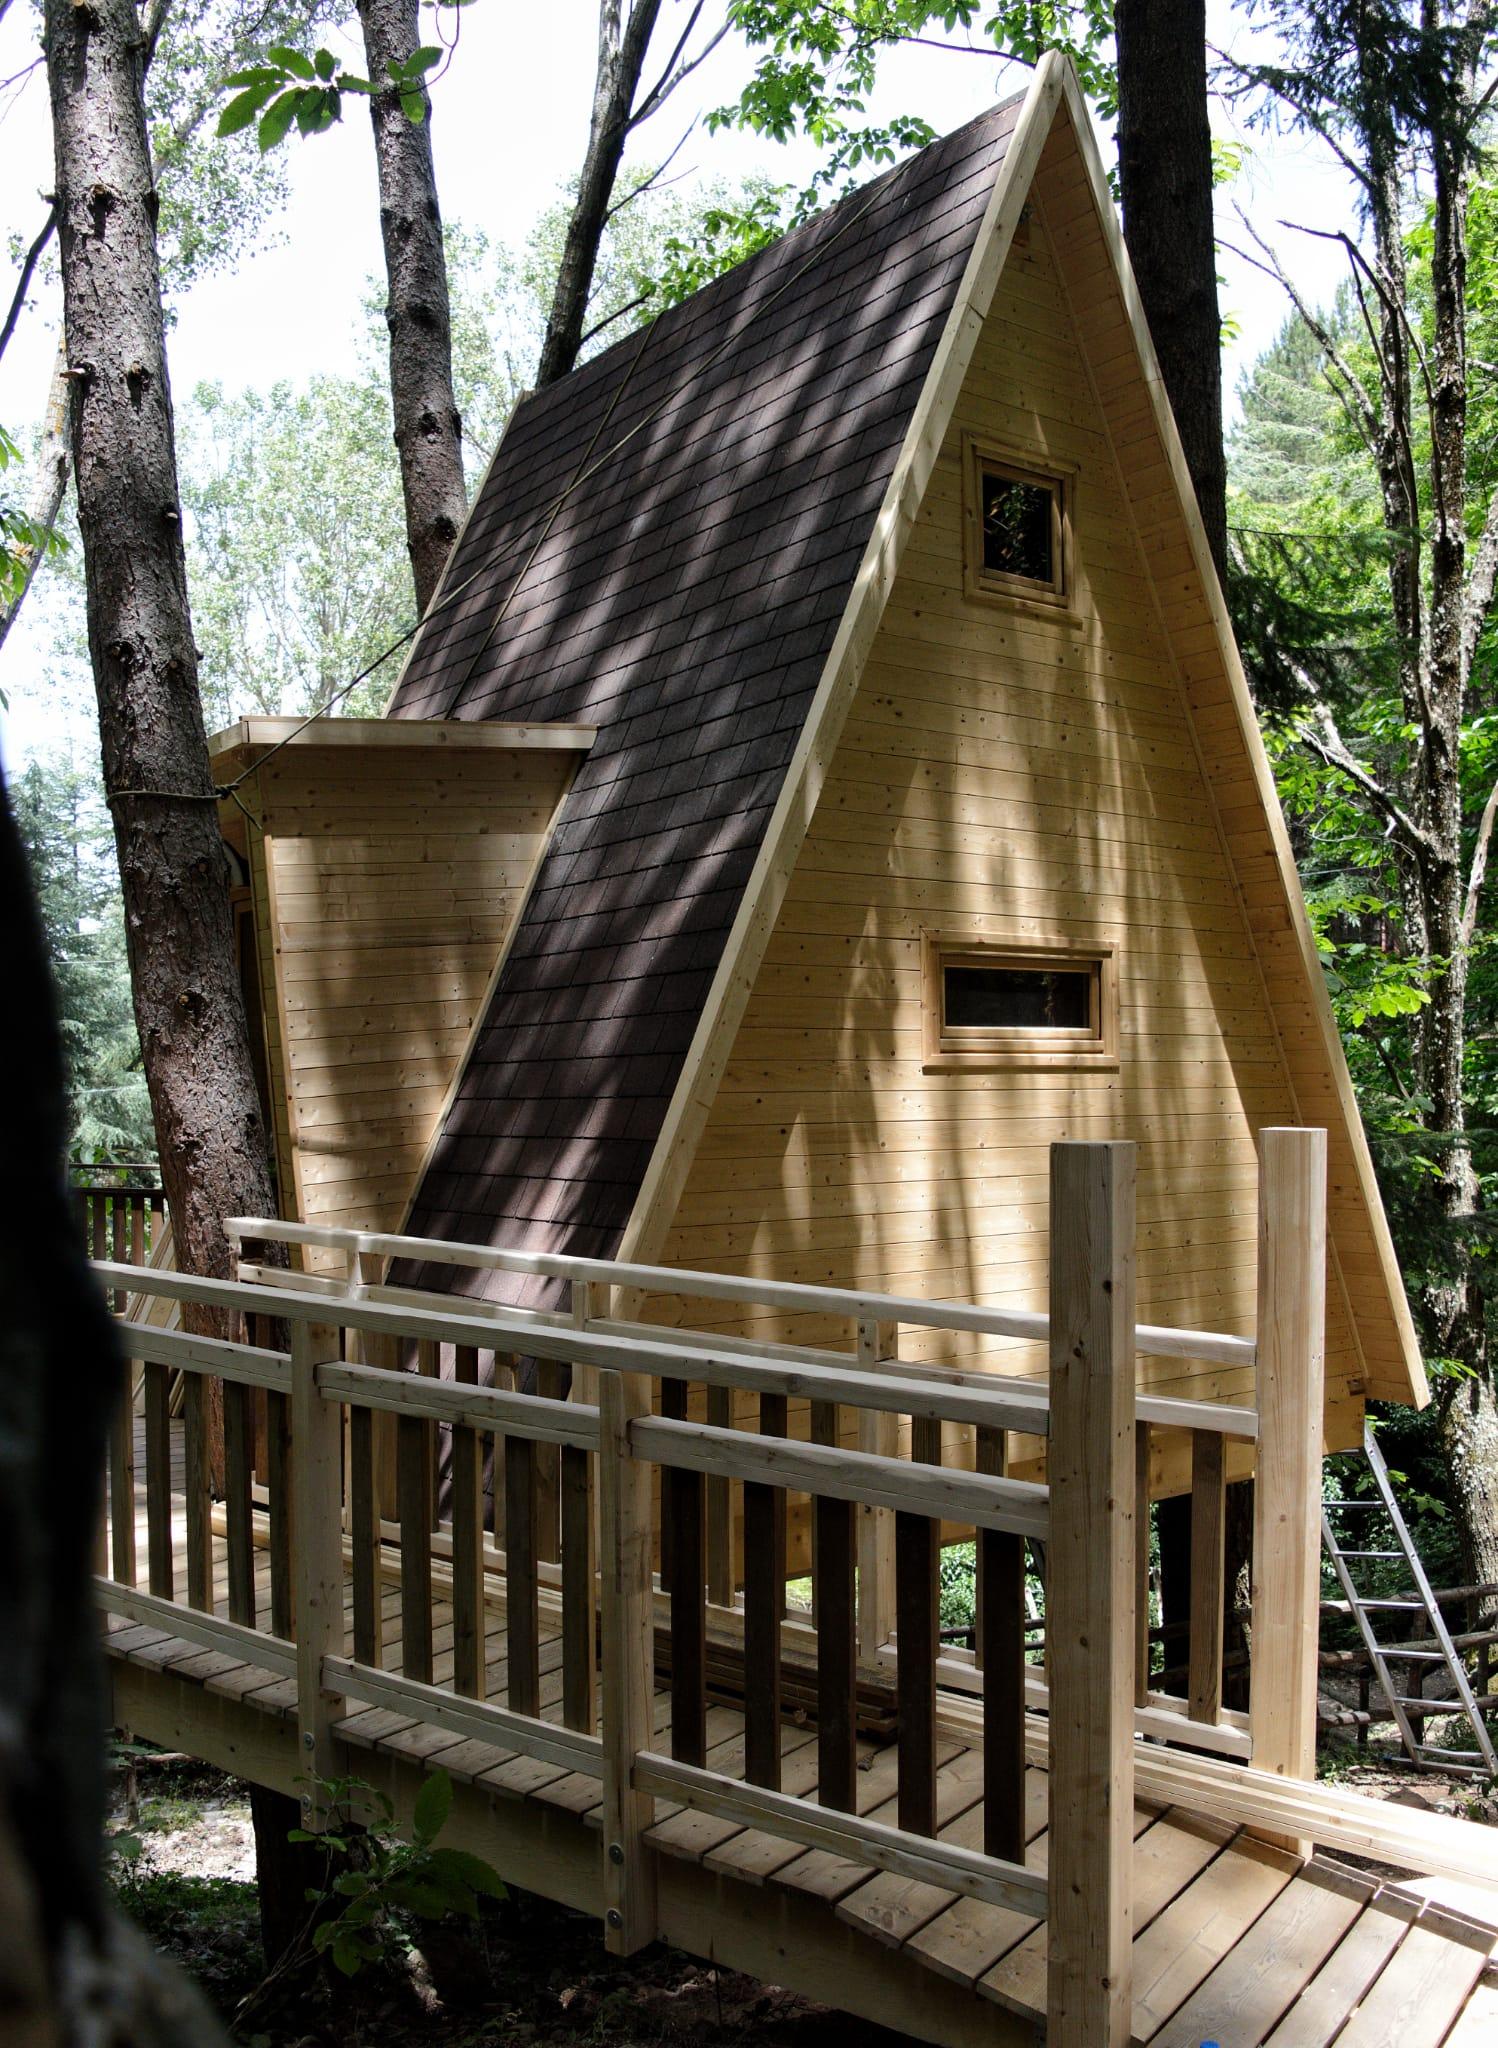 Casa sull'albero - La Terrazza sul Lago